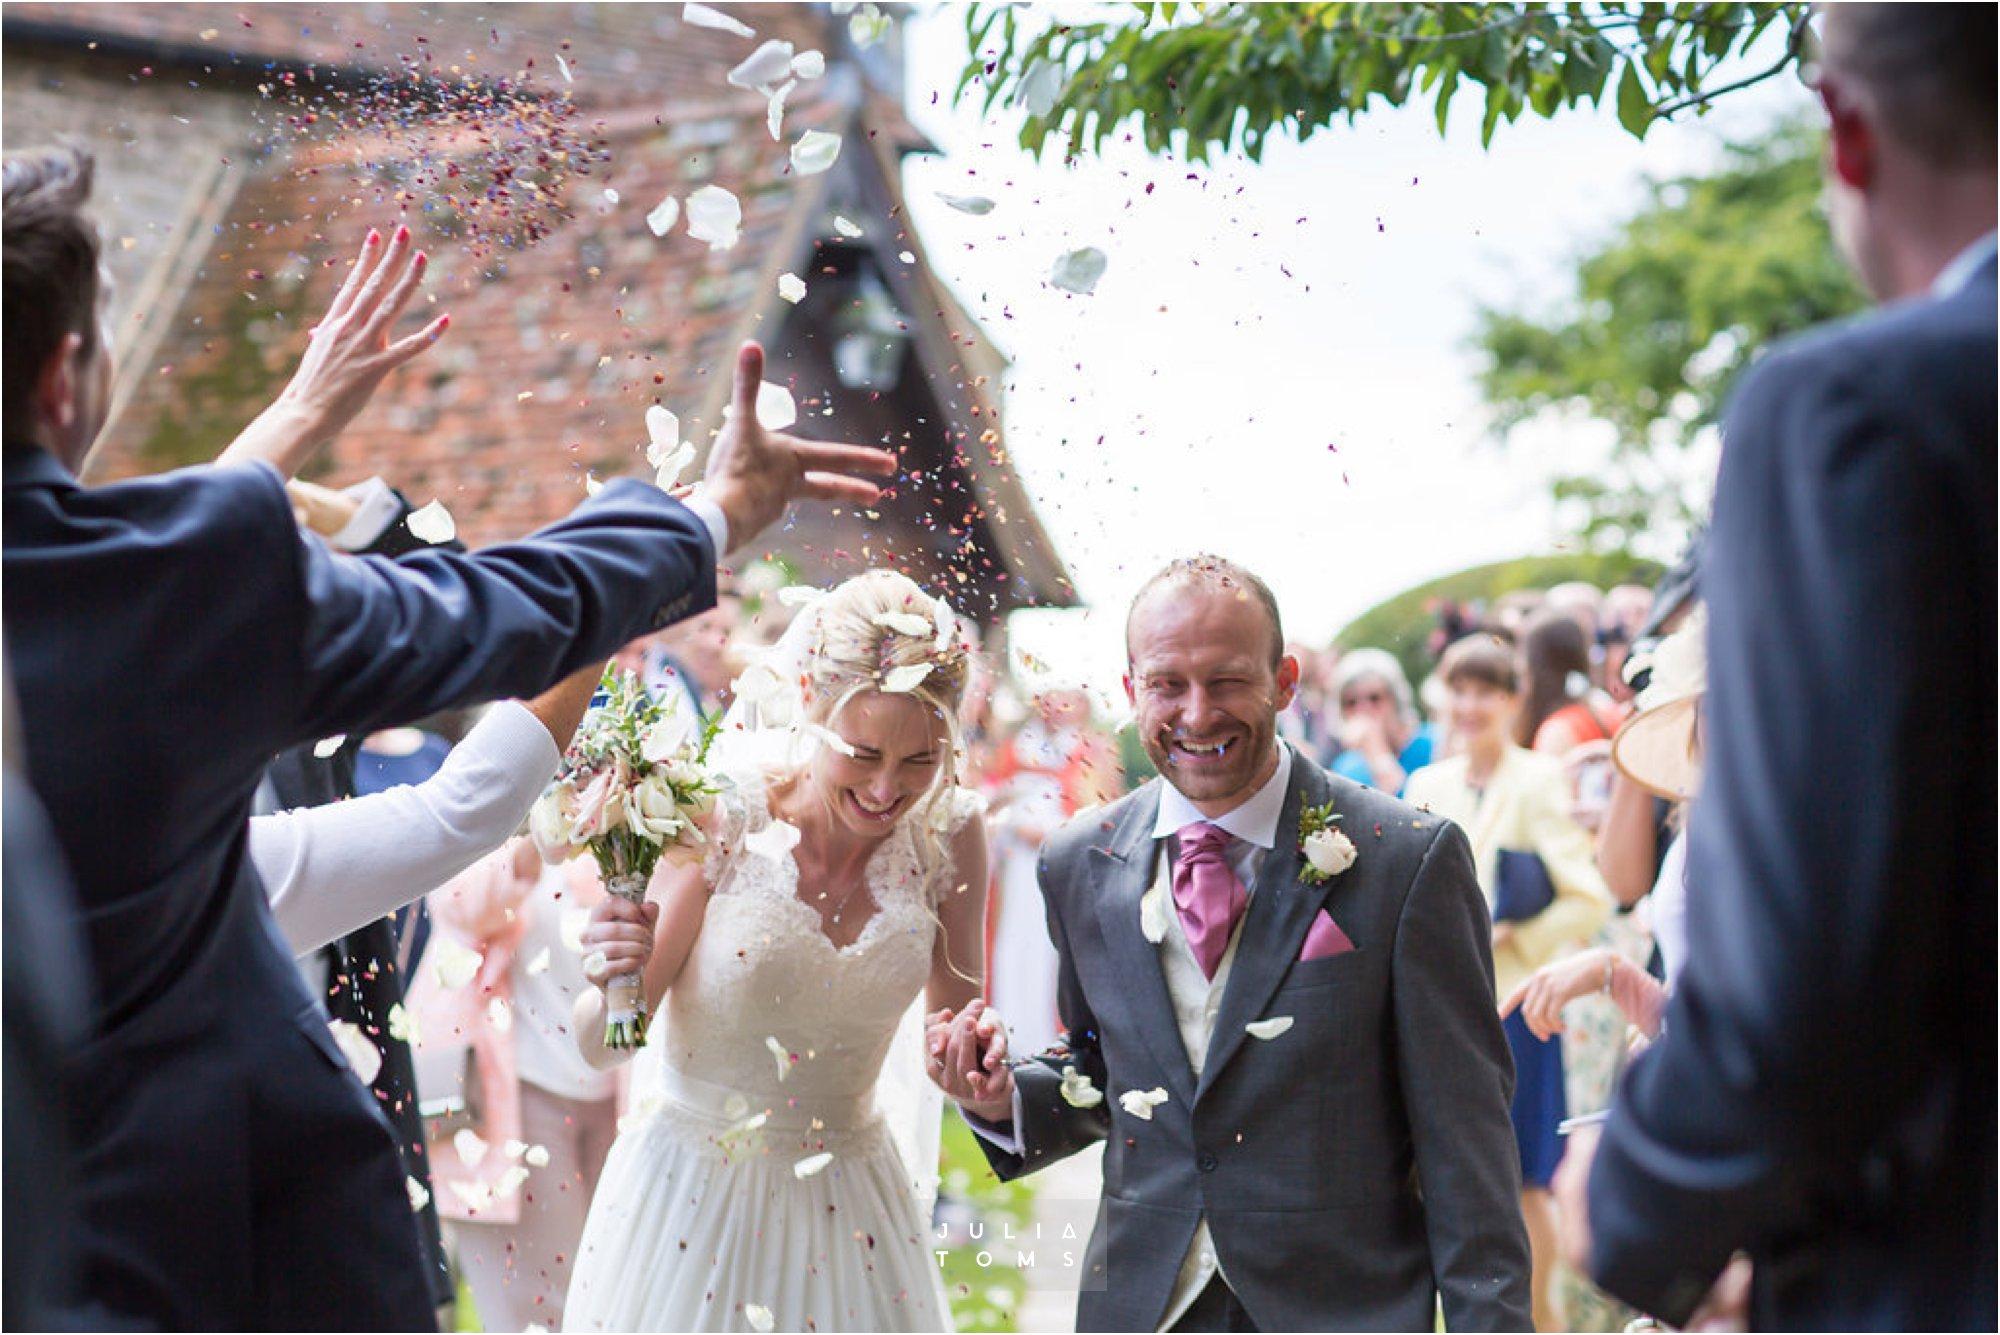 itchenor_wedding_chichester_photographer_037.jpg